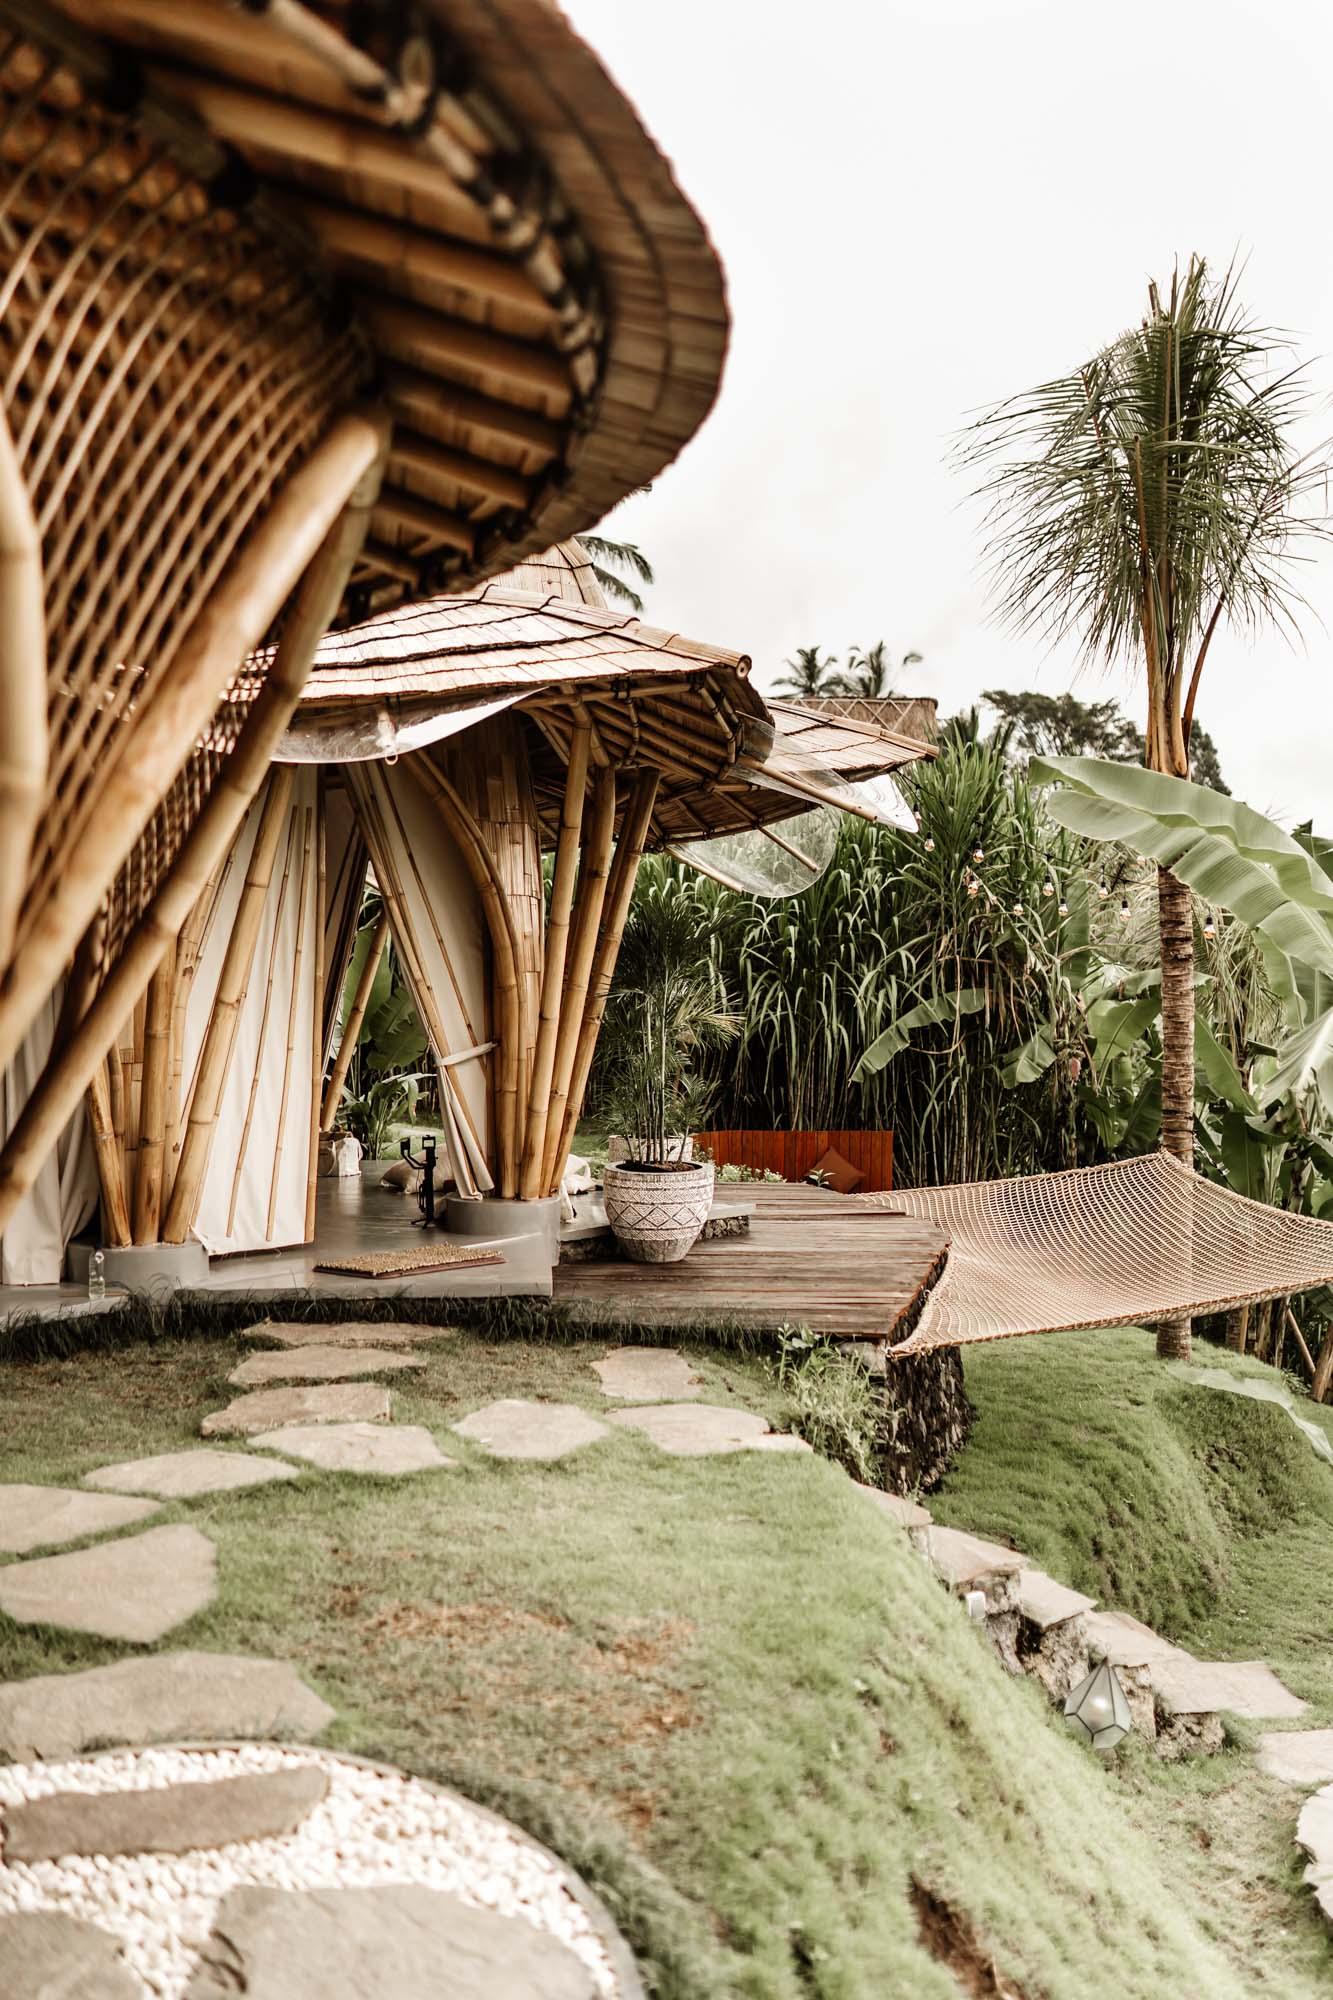 keira-mason-camaya-bali-bamboo-homes.jpg